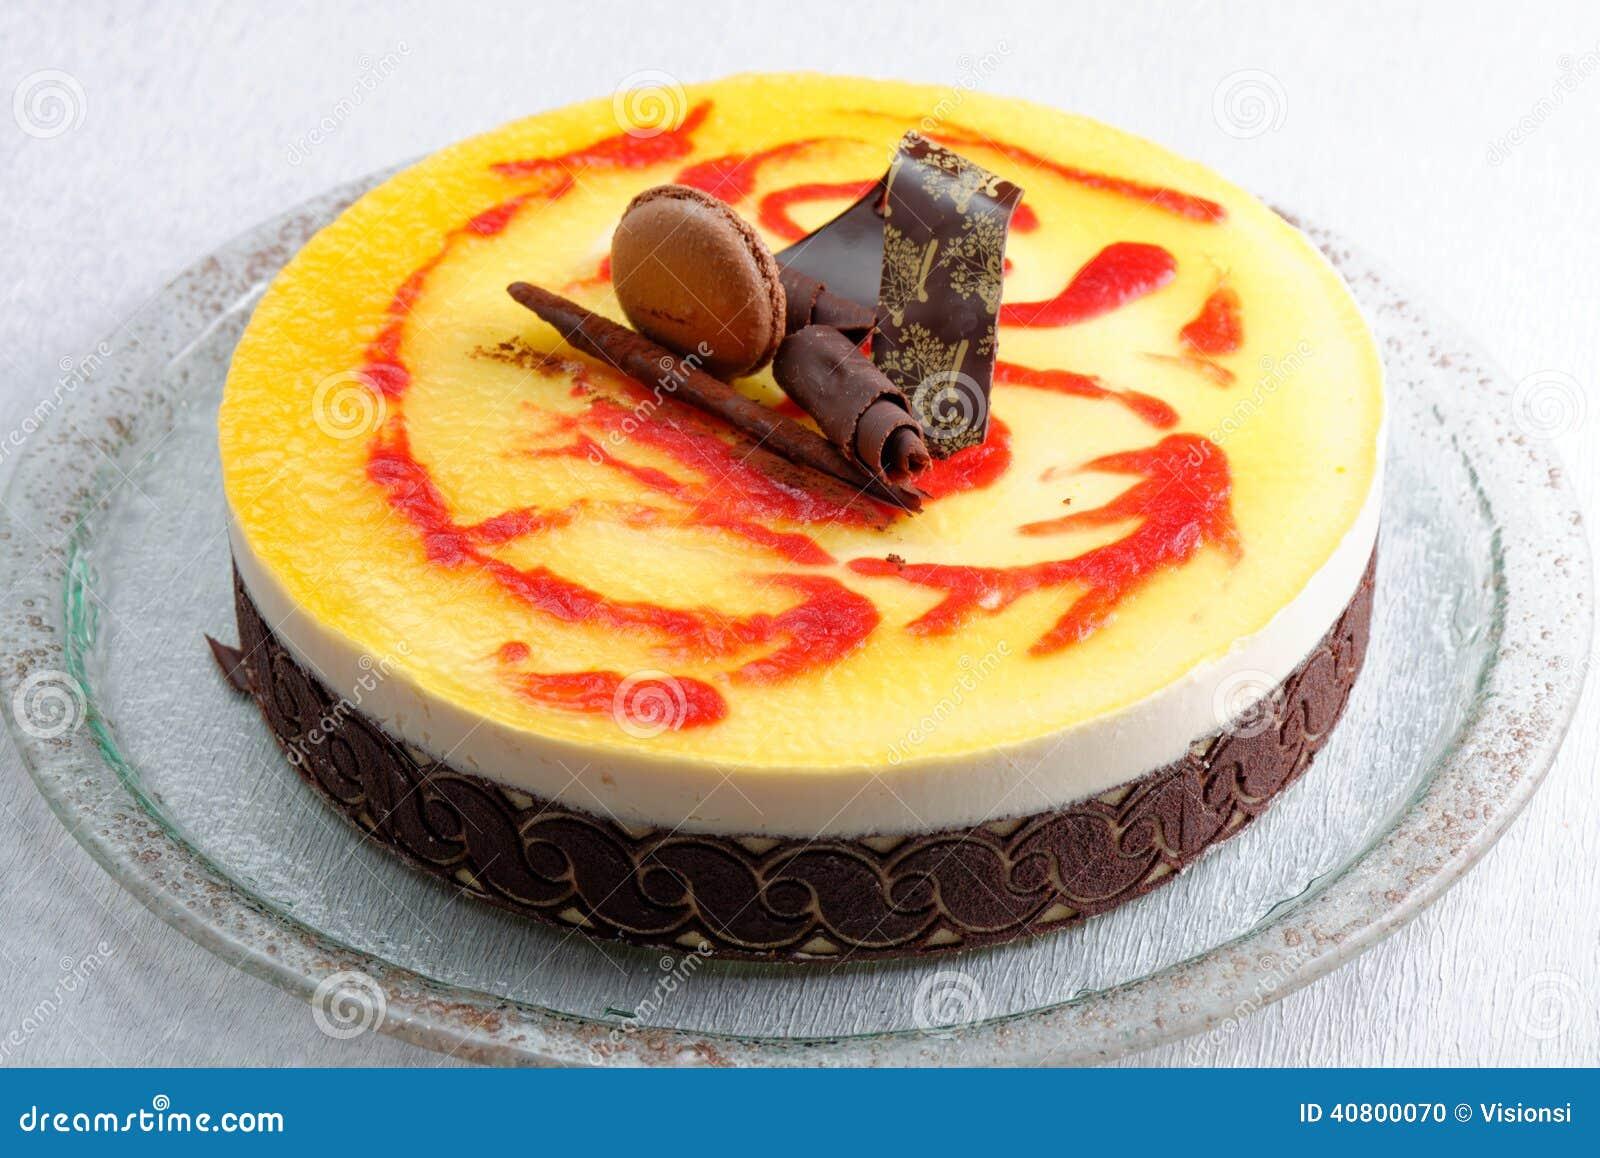 French Gourmet Fruit-chocolate Mousse Cake Stock Photo - Image ...